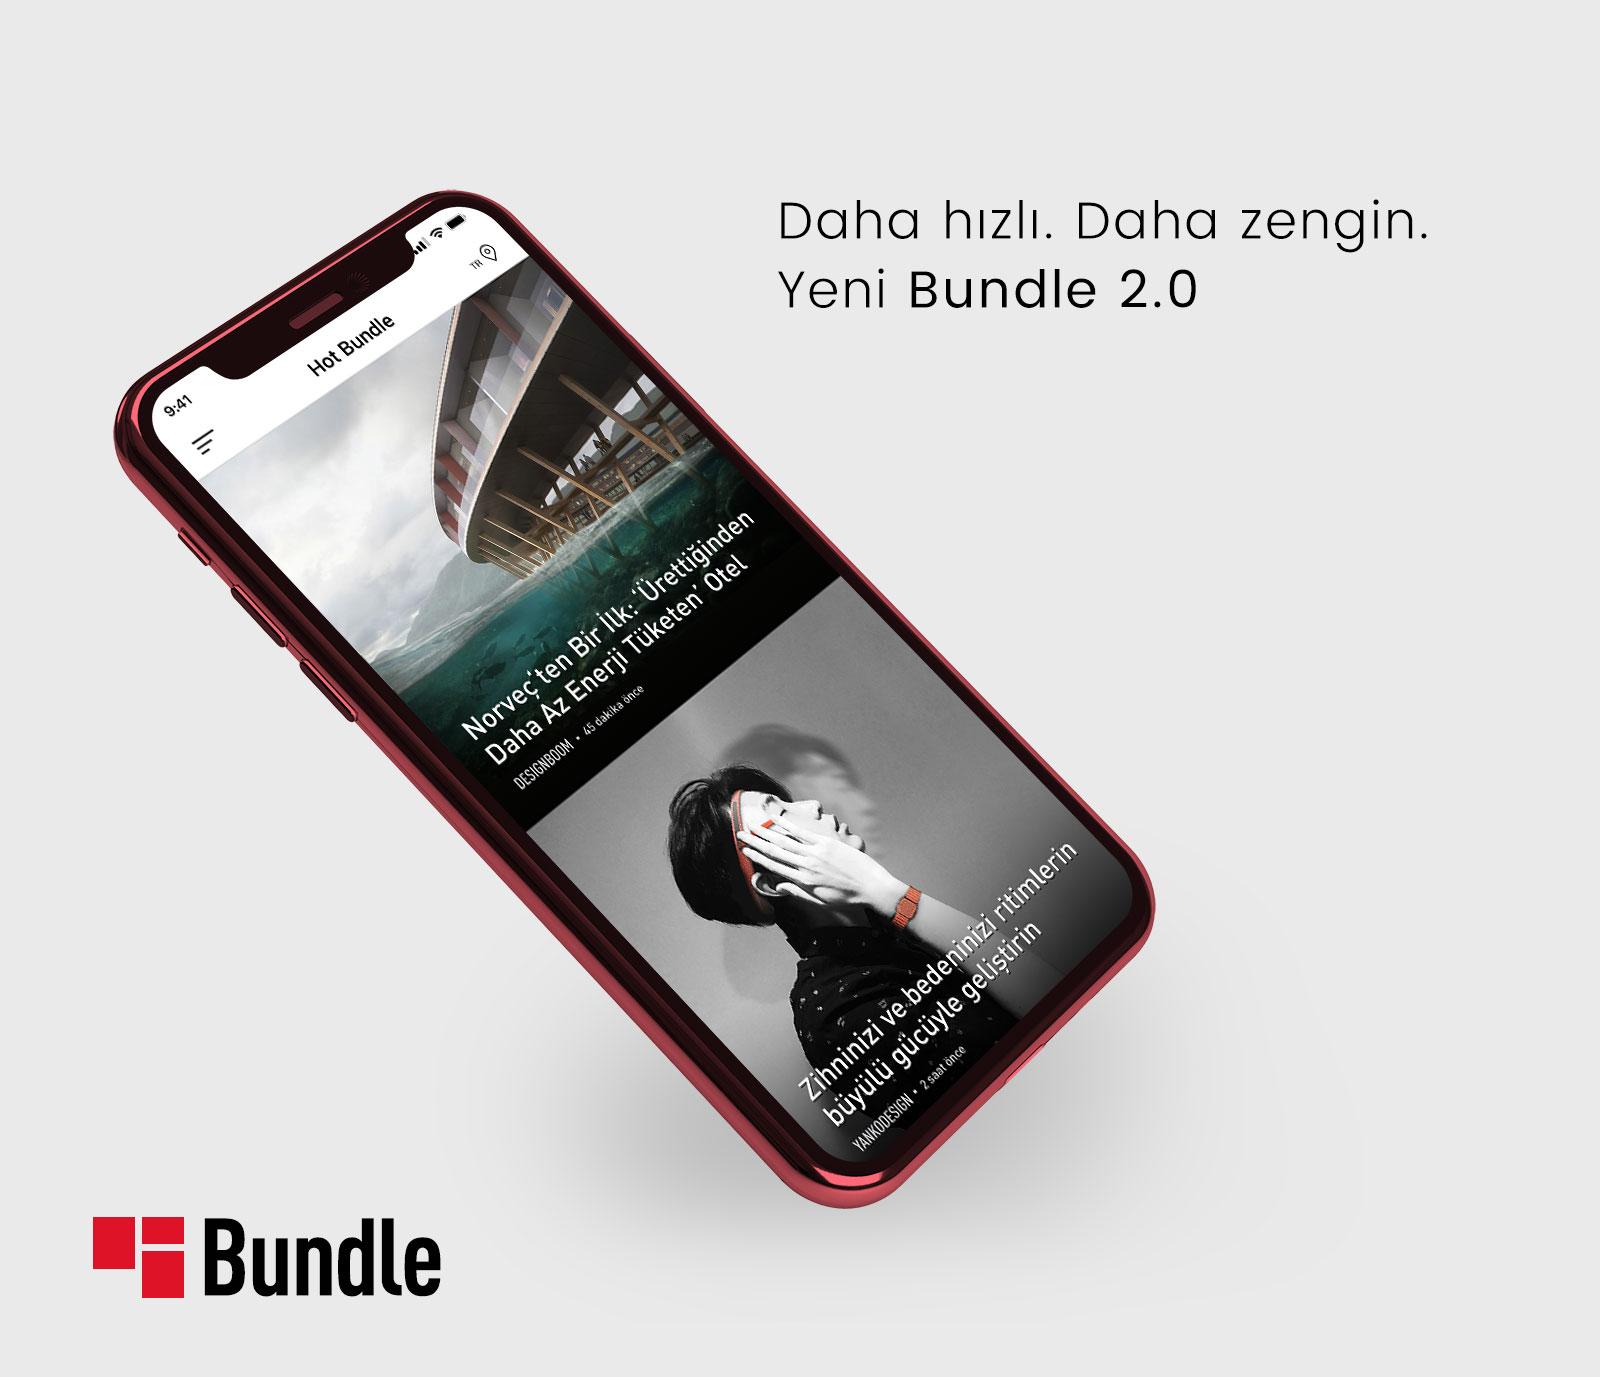 Türkiye'nin En Sevilen Haber Uygulaması Bundle'da Artık Karşı Kafalar'da Var